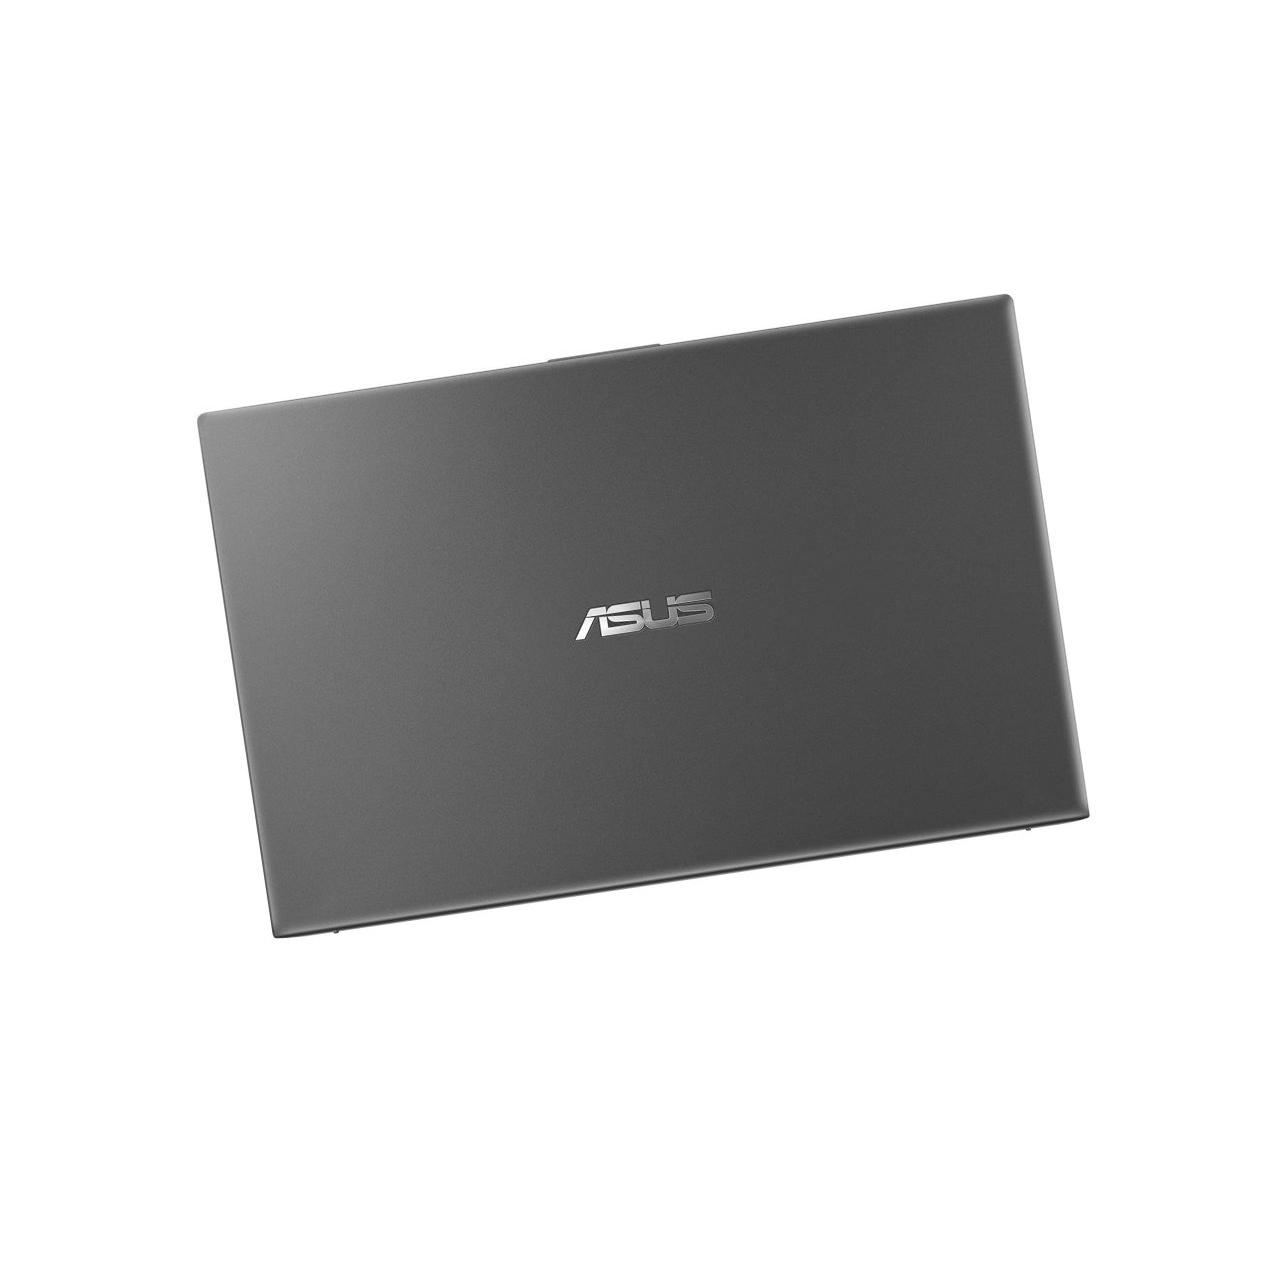 فروش نقدی و اقساطی لپ تاپ ایسوس VivoBook 15 R564JP-P